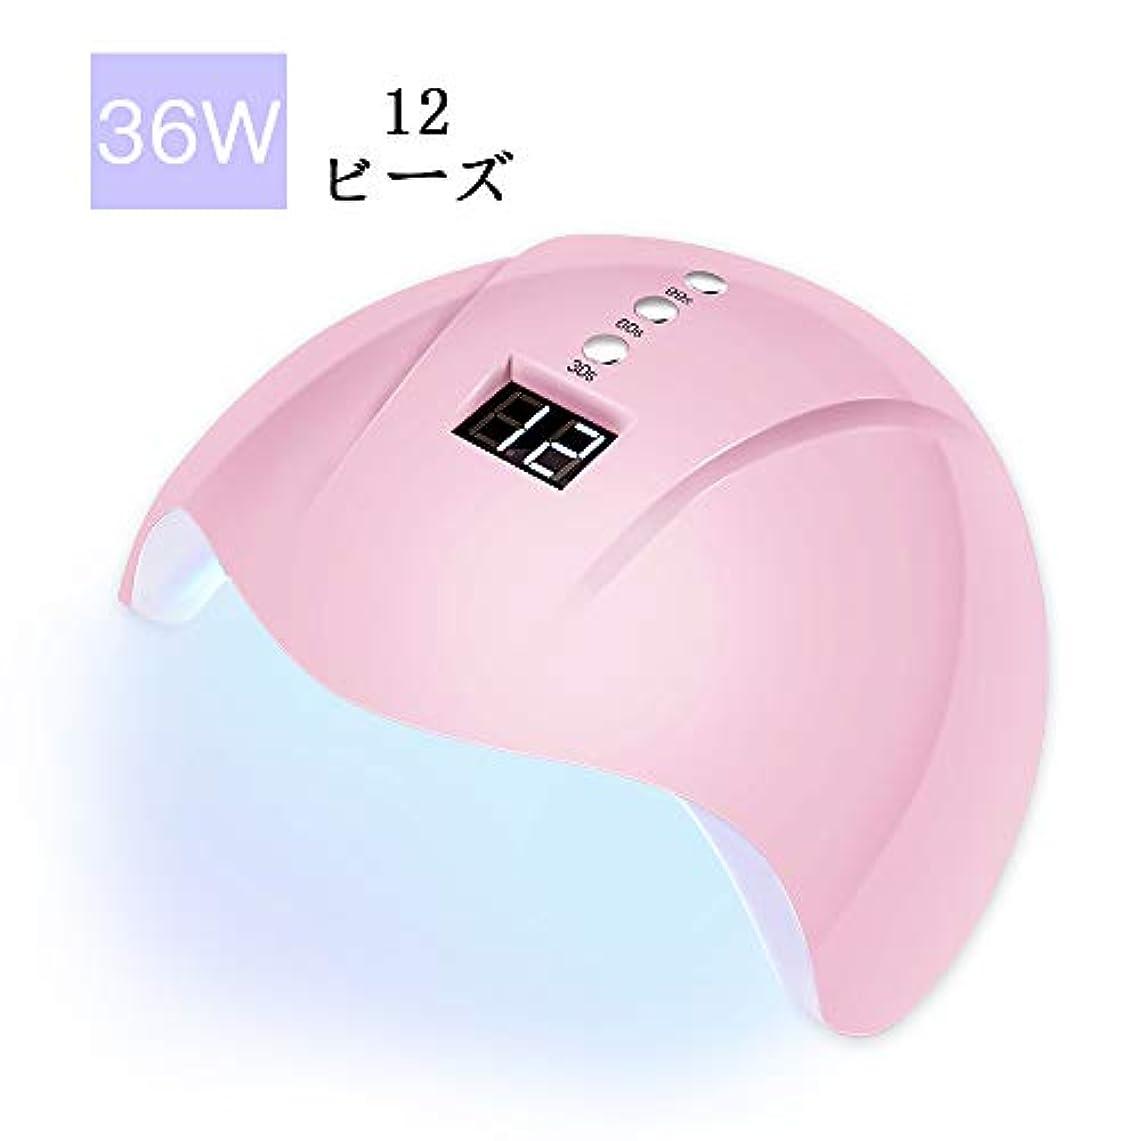 ショット教科書めったにWEVILI 2019最新版 UV LED ジェルネイル ライト ネイルドライヤー 全ジェル対応 自動センサー 3段階タイマー設定 12LED 高速硬化